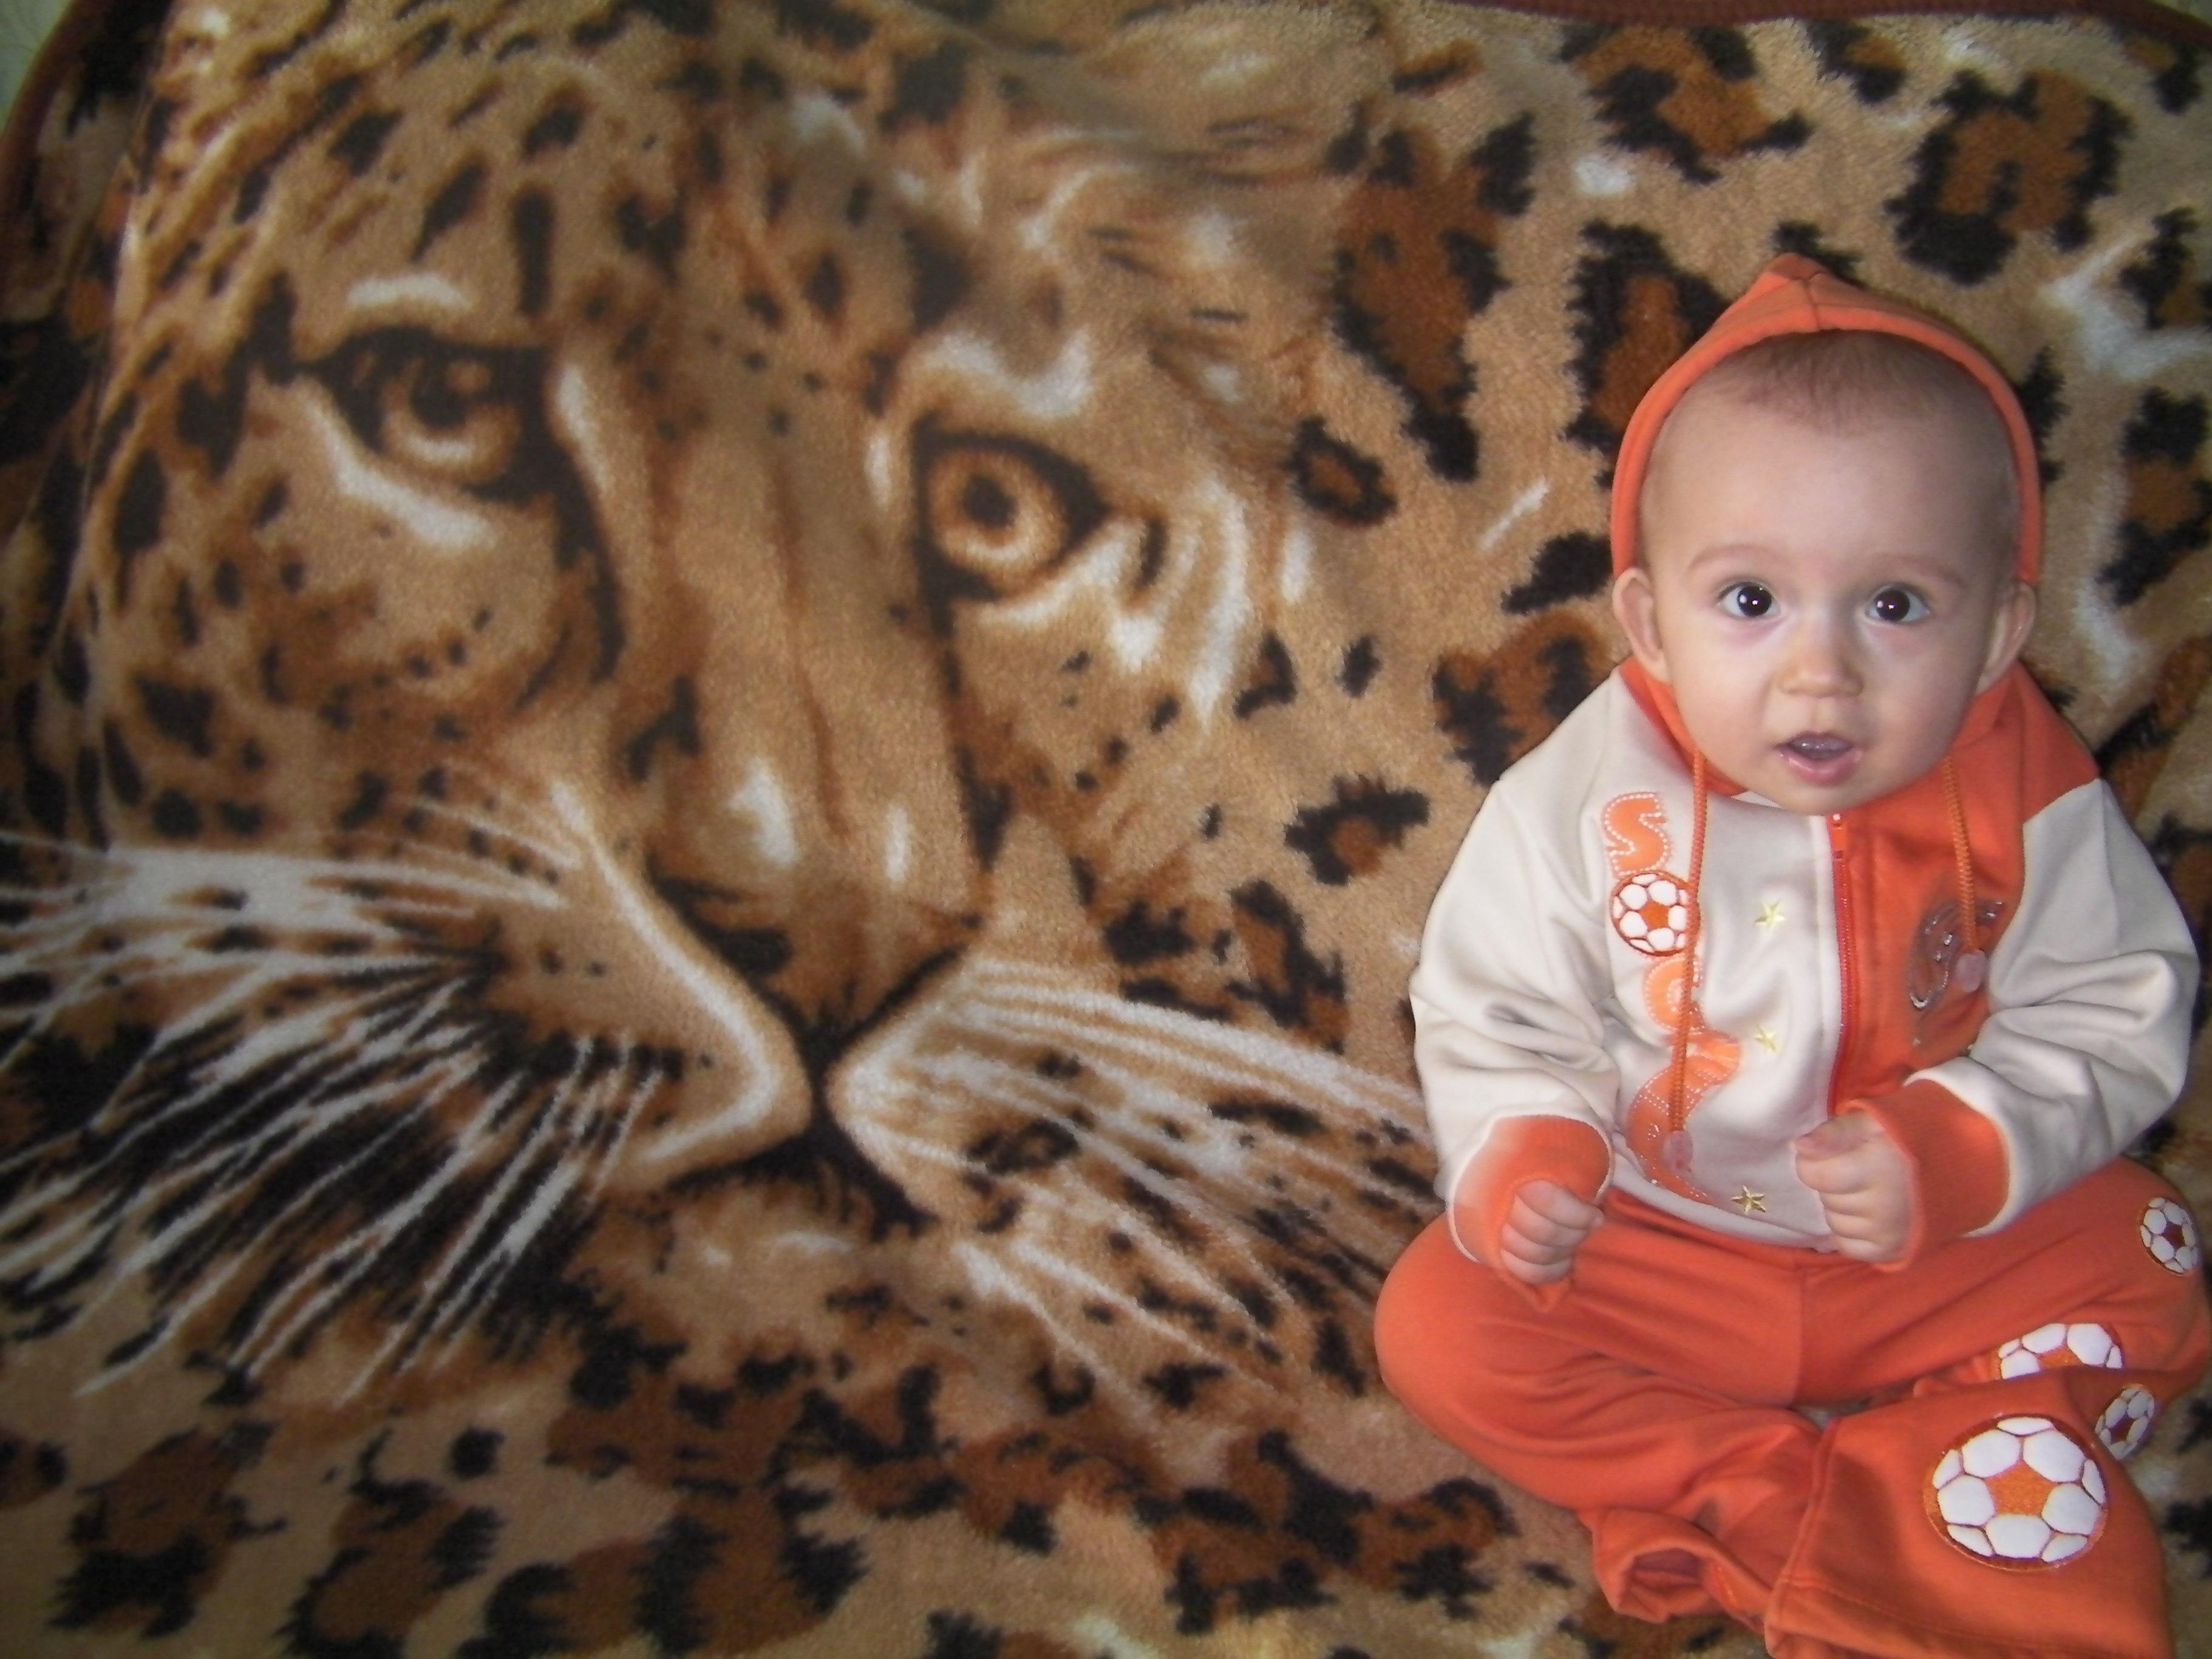 Вовочка-маленький лев!!!. Привет, малыш! Под каким знаком ты родился?